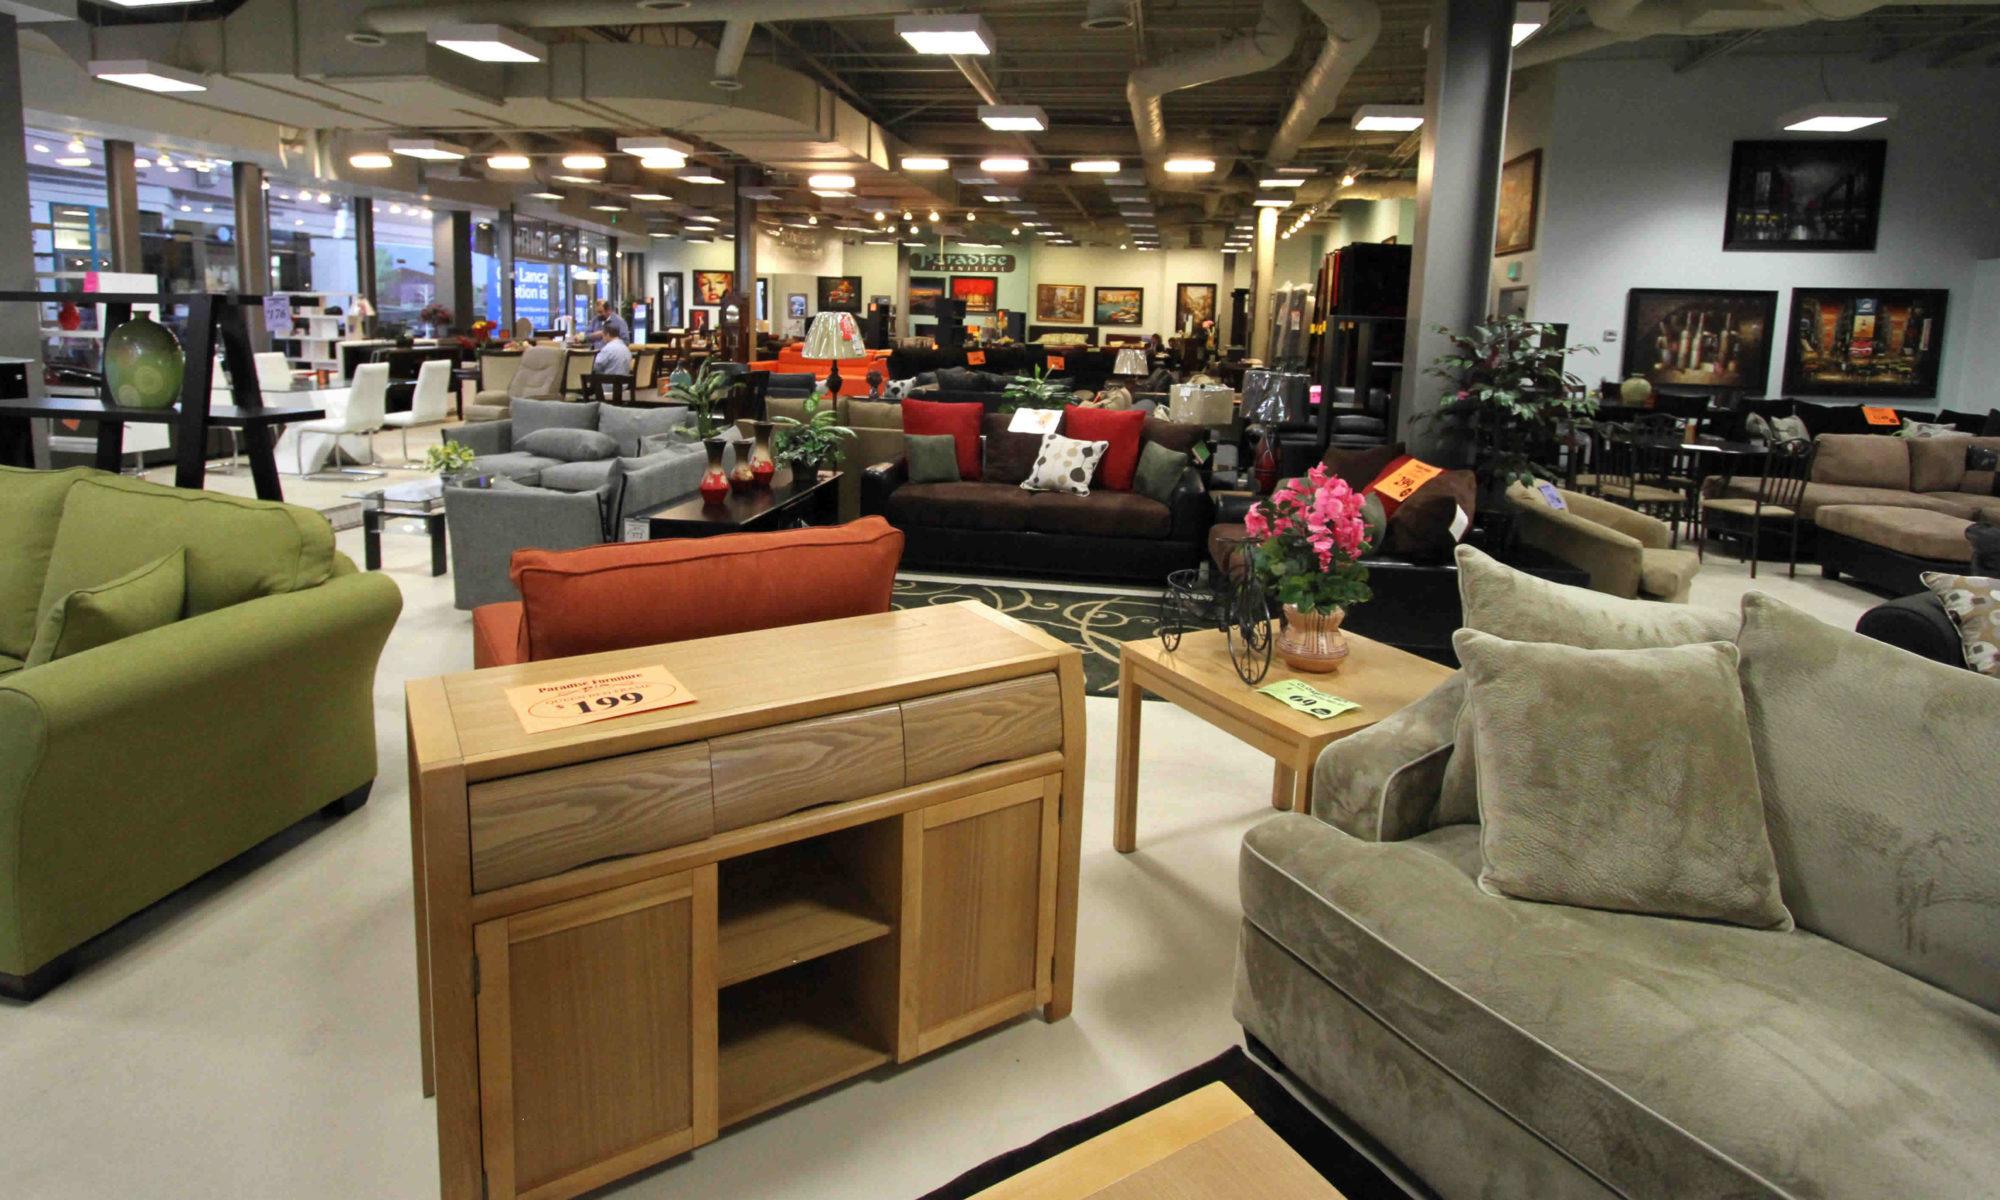 Dlife Furnitures & Interiors